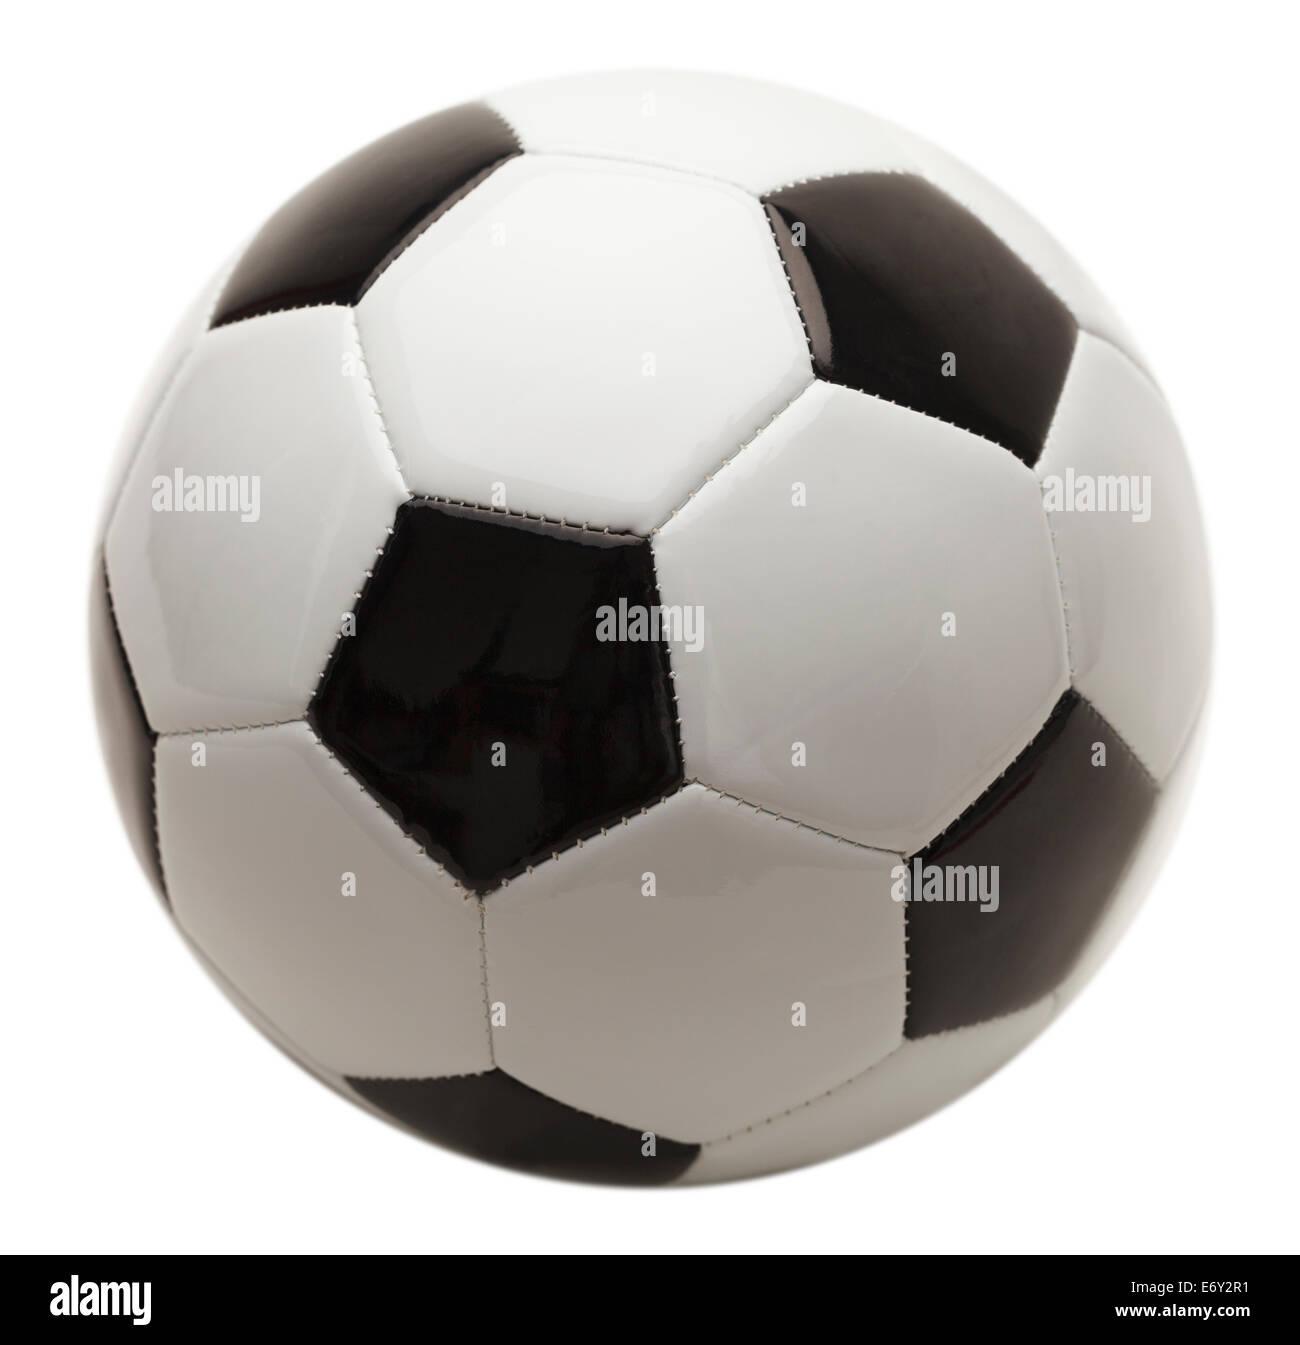 Schwarz / weiß-Fußball, Isolated on White Background. Stockbild